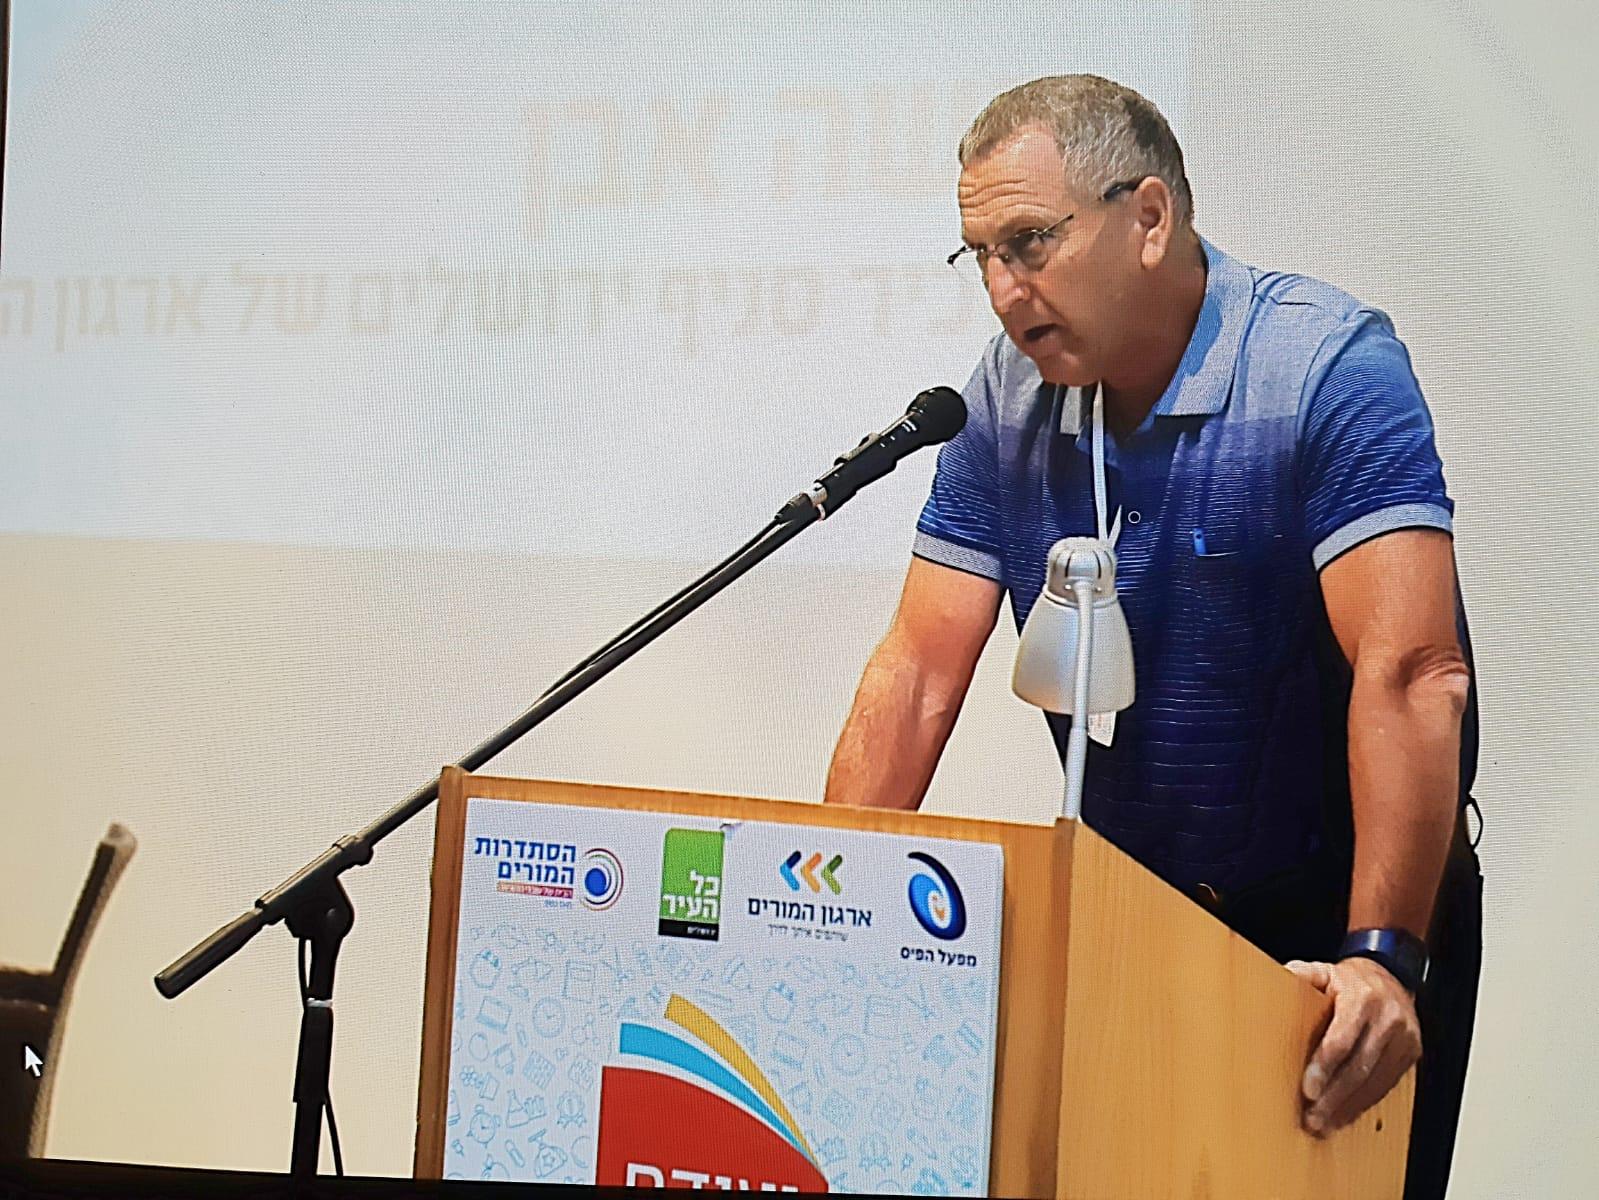 משה אבן, מזכיר סניף ירושלים של ארגון המורים (צילום: שלומי כהן)